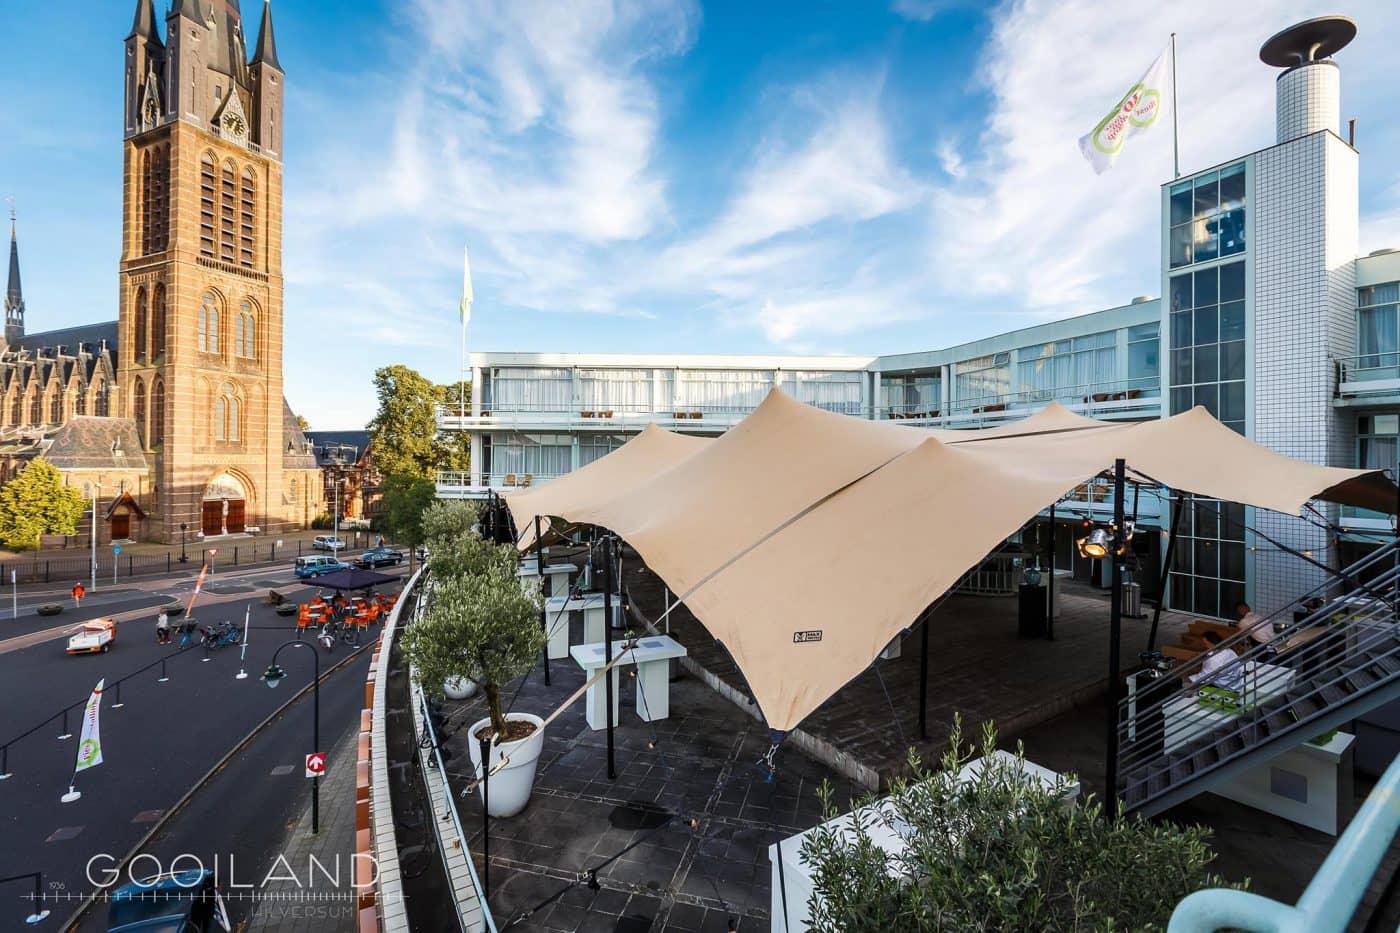 Bernard Bijvoet Roof Terrace